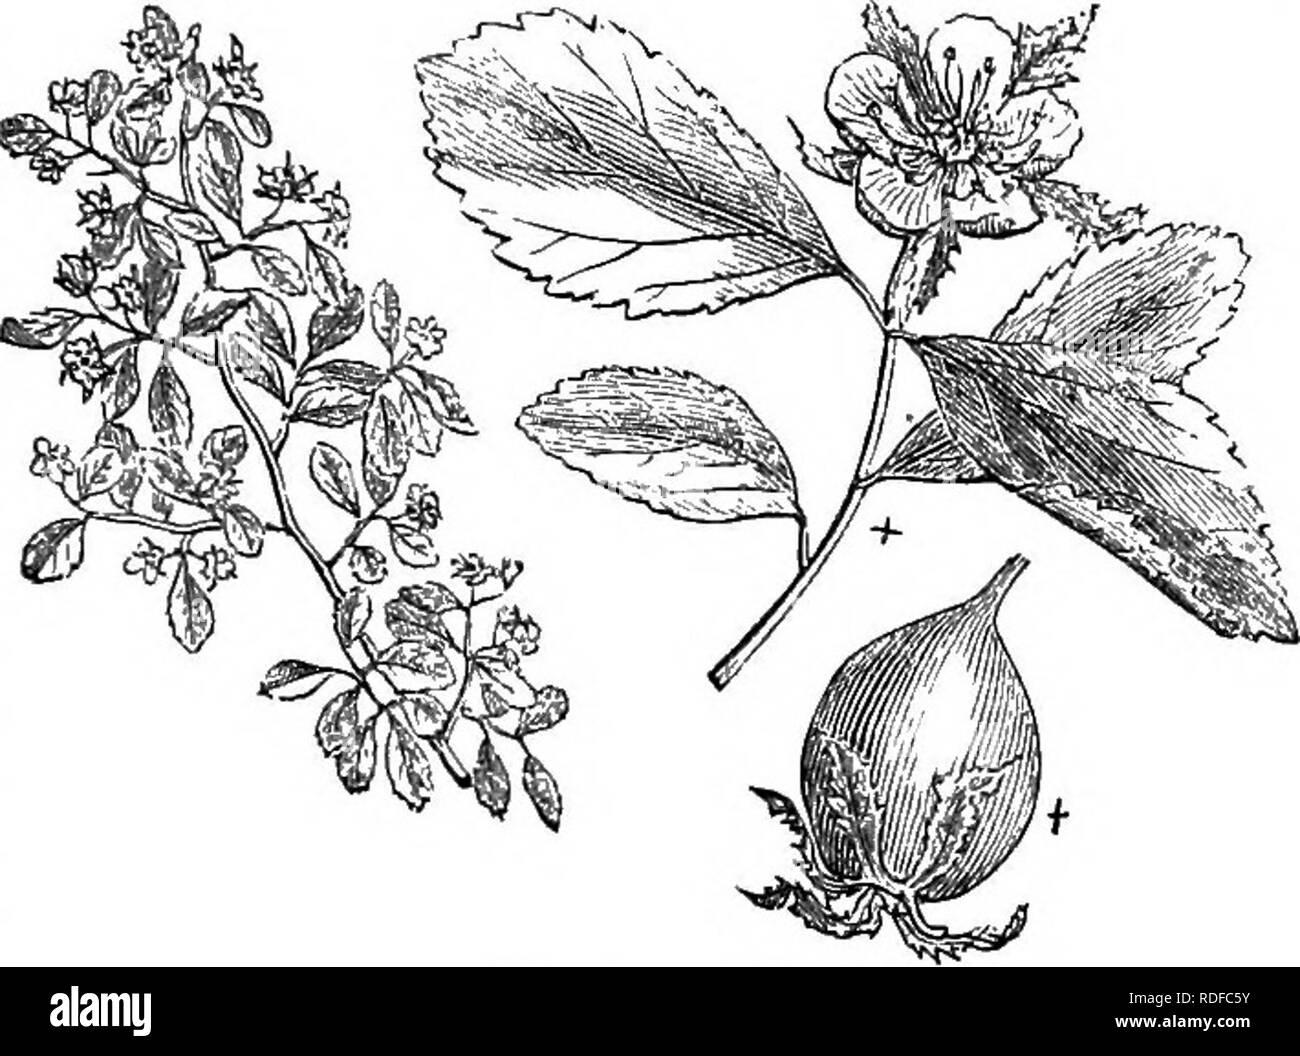 . Los árboles y arbustos : una versión abreviada del Arboretum et fruticetum britannicum : contienen los hardy schrubs y árboles de Gran Bretaña, nativos y extranjeros, y científicamente descrito popular : con su propagación, cultivo y usos y grabados de casi todas las especies. Los árboles, los arbustos, los bosques y la silvicultura. XXVI, Bosa^CEiE: CRAT^^GUS, 383 . parvifblia wats. Muertos. Brit; gus tomentbsa Cratffi'lin. Sp § xiii. Parvifblice. Secc. Char. Las hojas pequeñas, ovaladas, dentadas o escotado, pero difícilmente lobulados. Fruta verde o amarillo verdoso ; bastante grande, hai-d. Si 25. C. PARViFO^LiA Ait. El pequeño-hojas Foto de stock